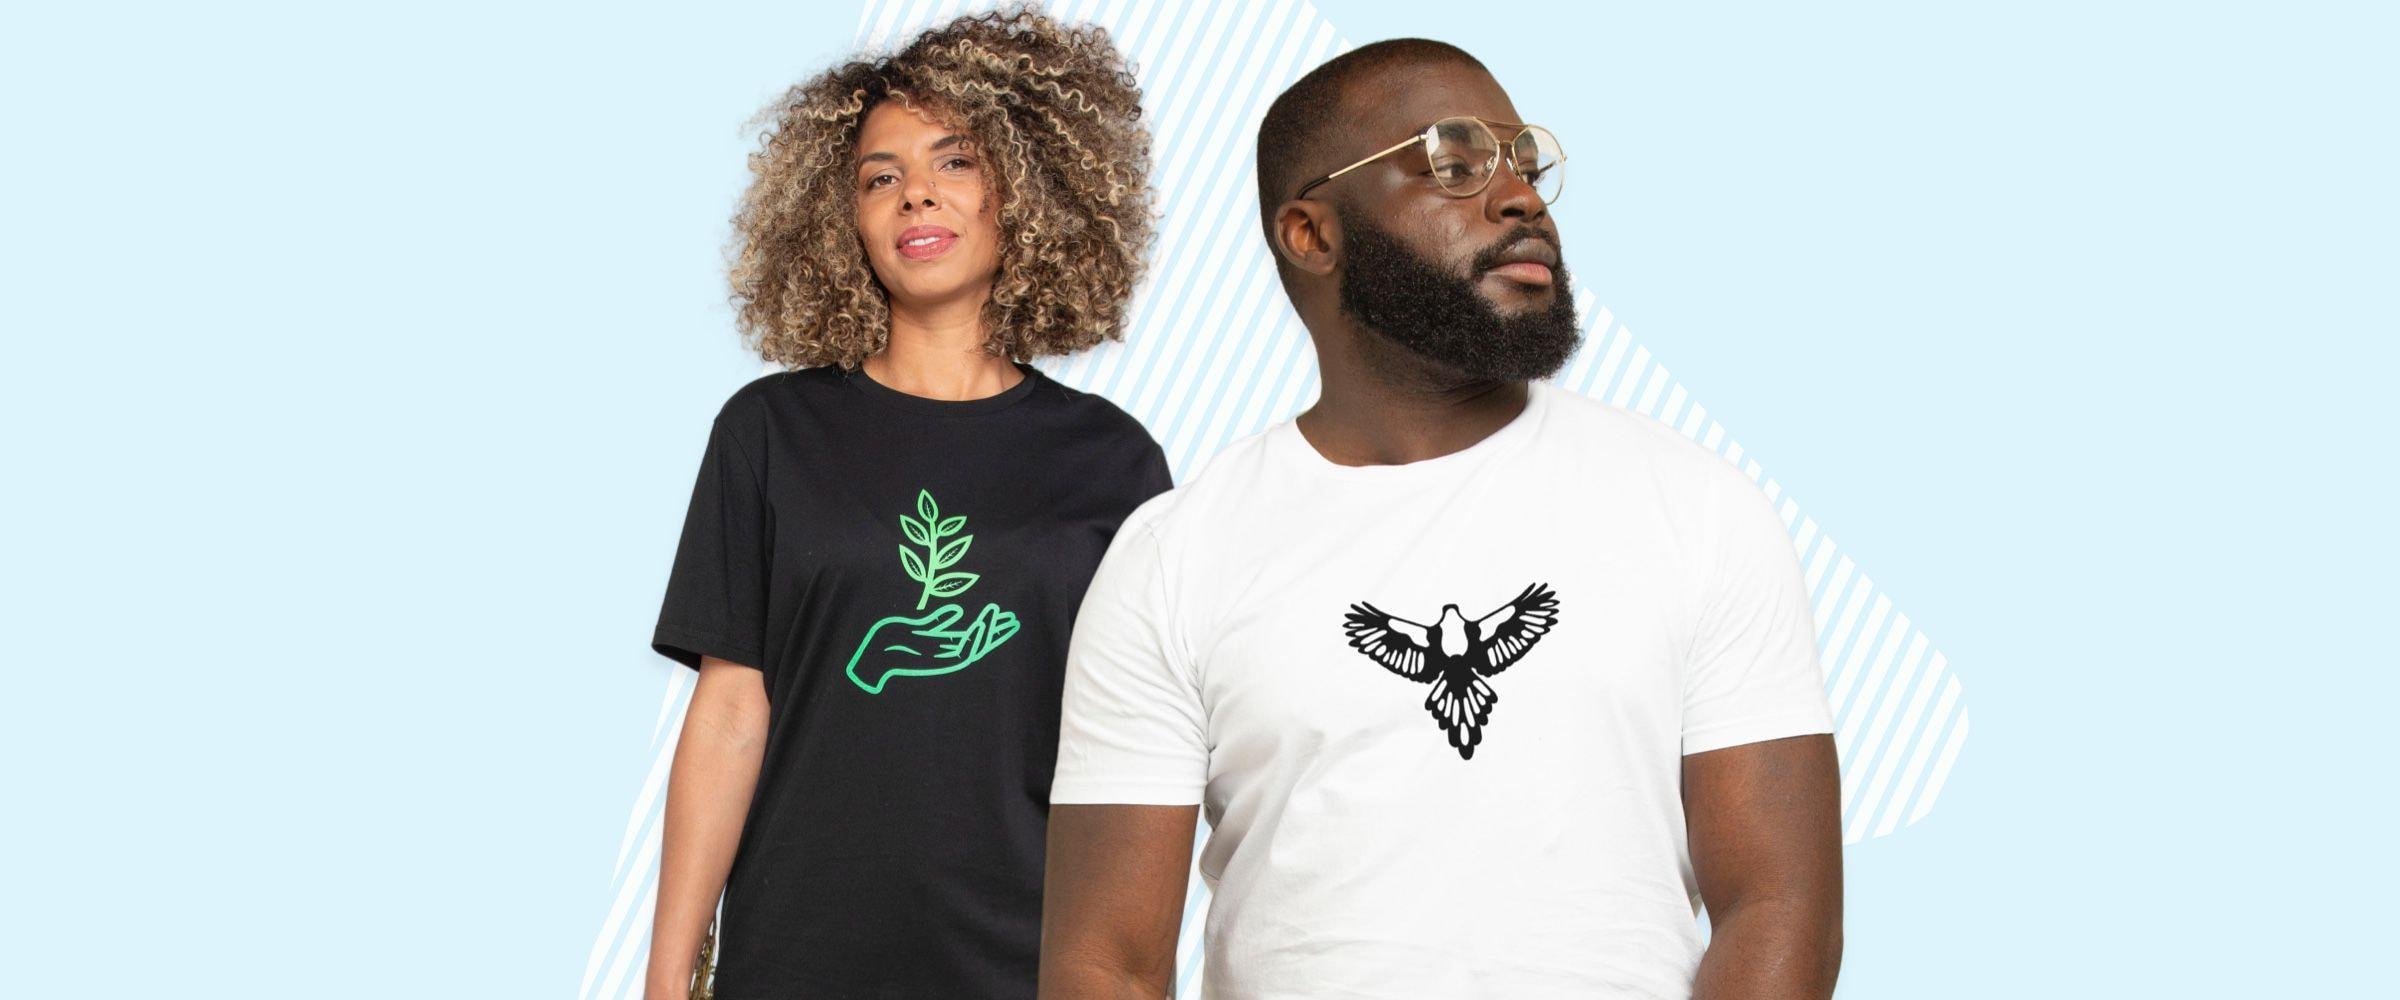 créer et vendre des t-shirt en ligne